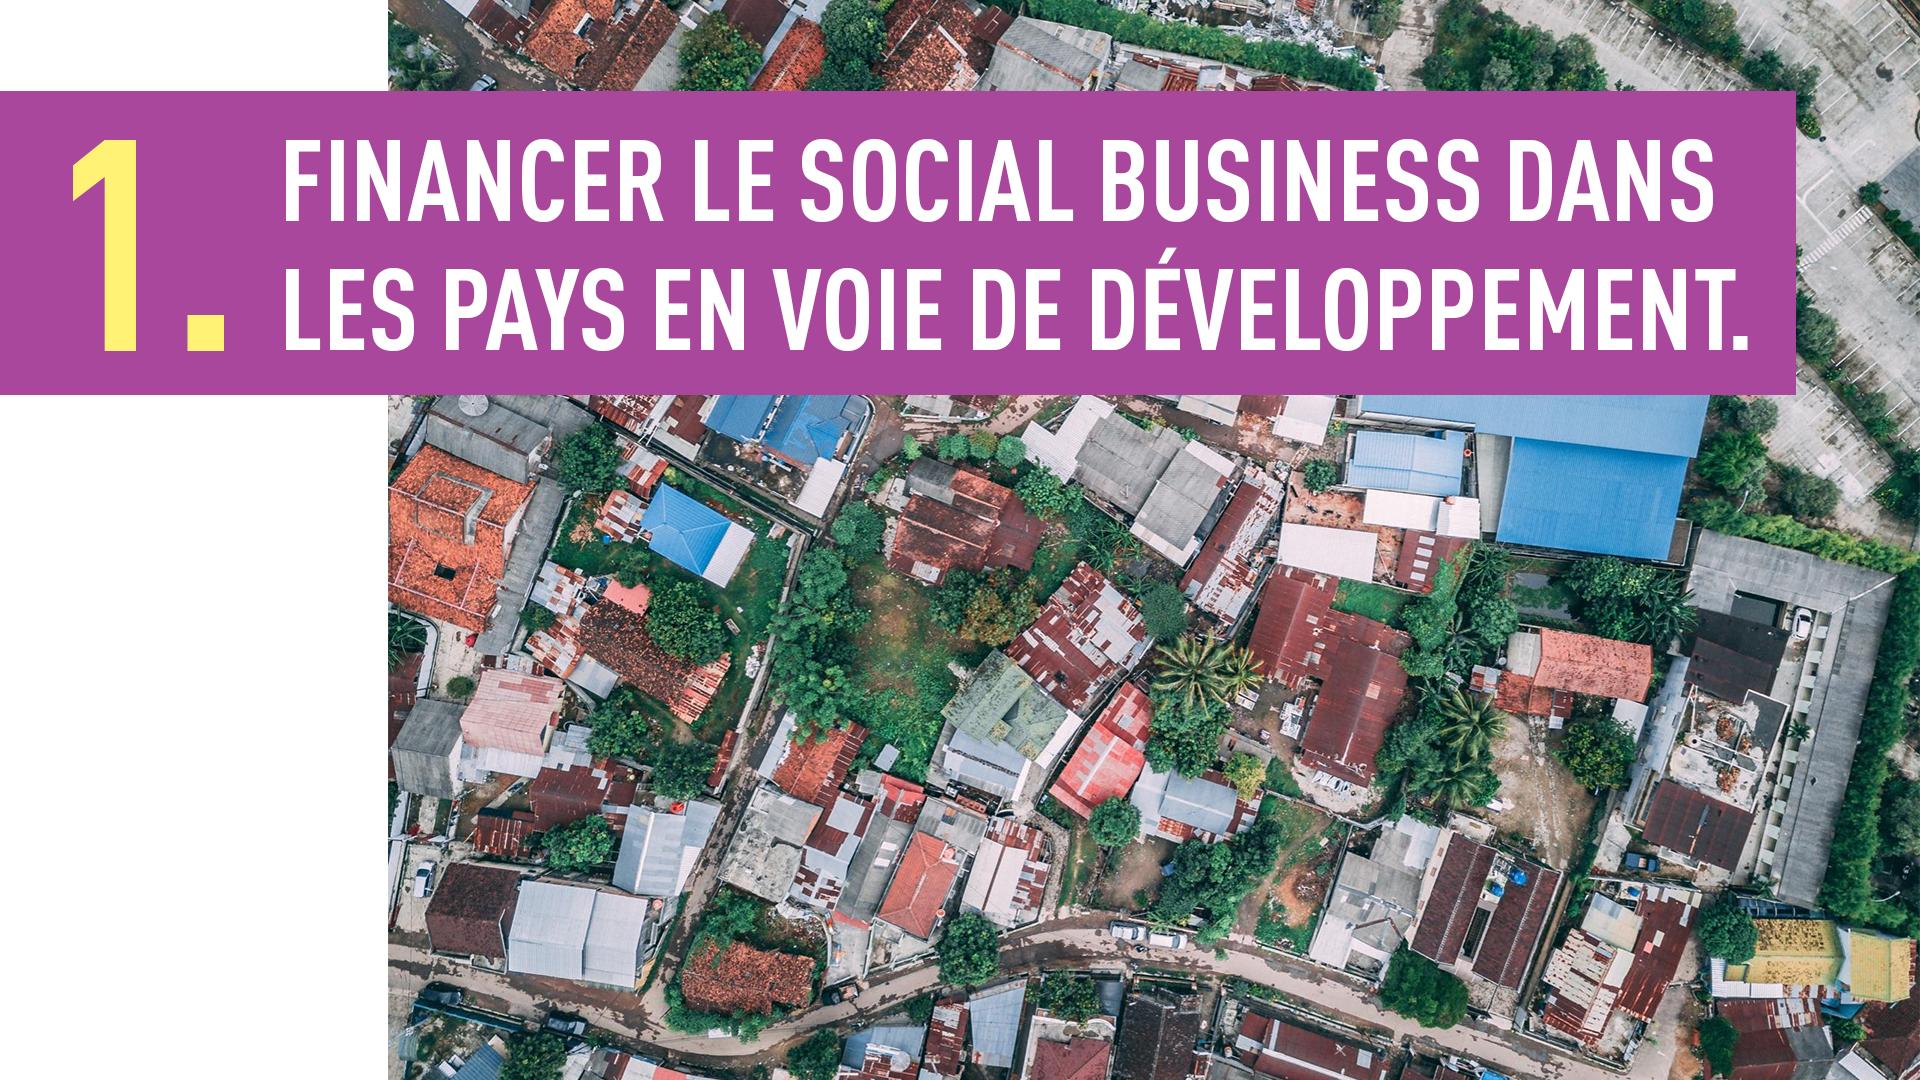 FINANCER LE SOCIAL BUSINESS DANS LES PAYS EN VOIE DE DÉVELOPPEMENT